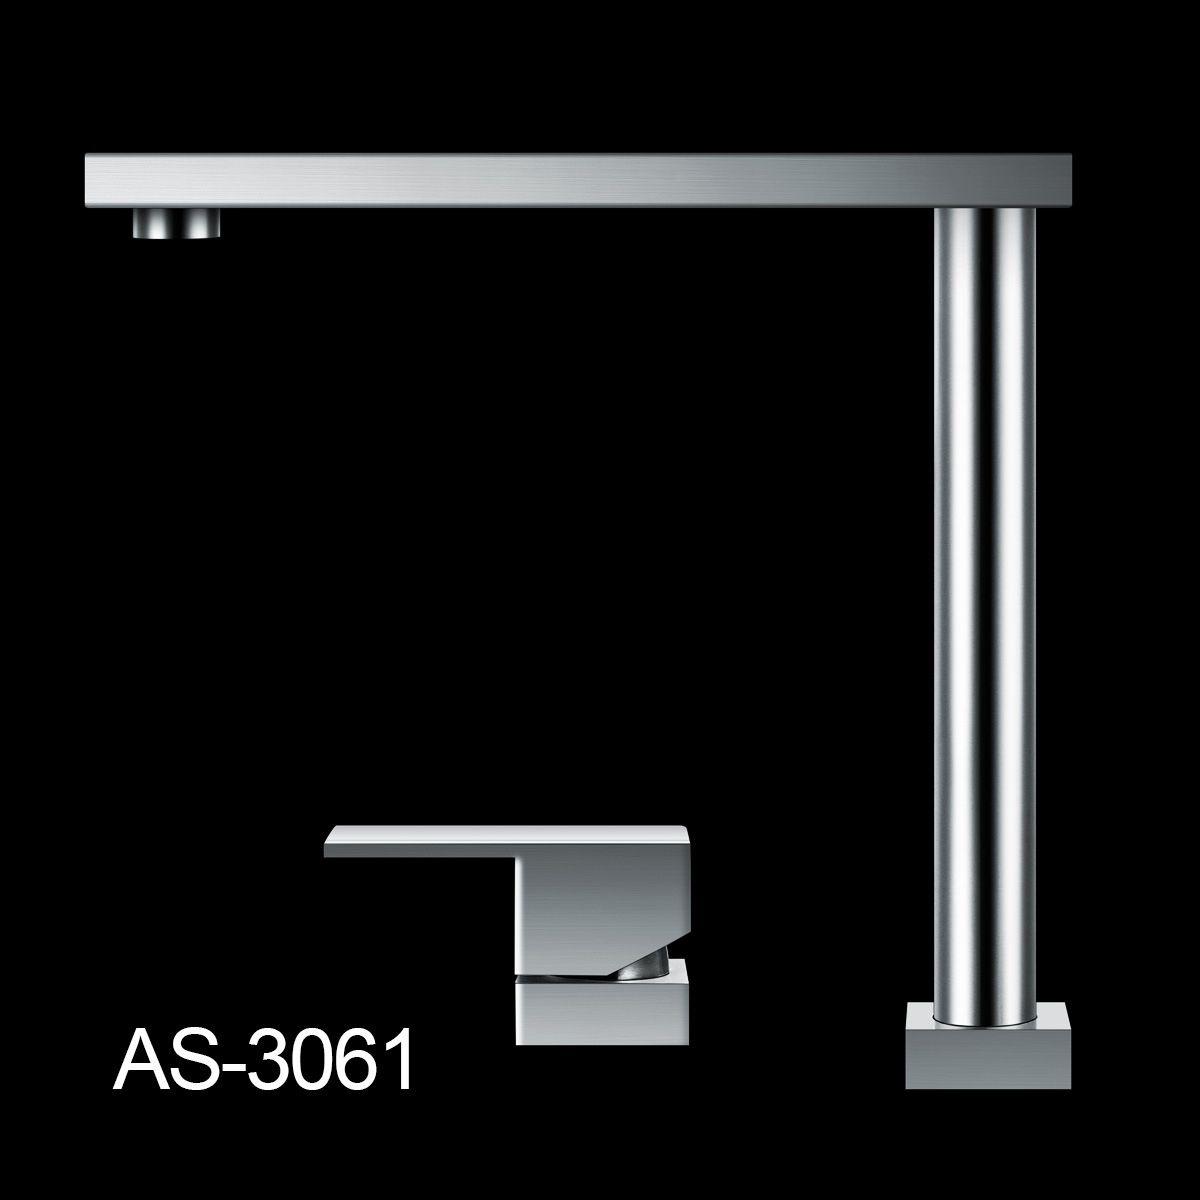 Vòi chậu bếp thiết kế thông thường thông minh tiện lợi cho không gian bếp hiện đại AS-3061